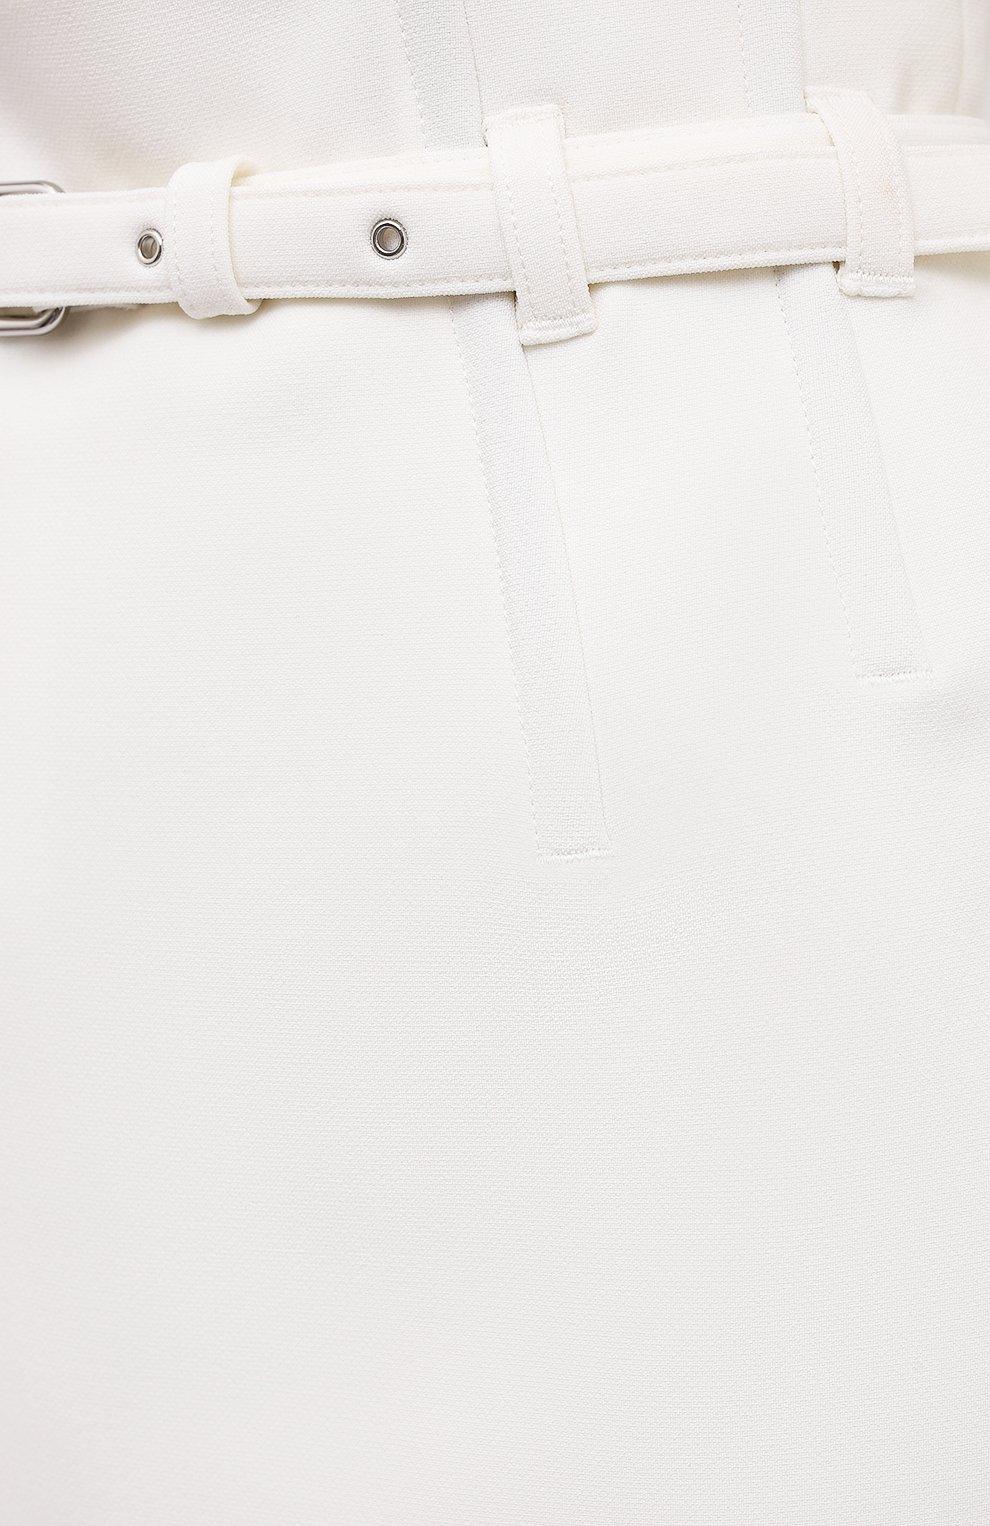 Женские юбка-шорты REDVALENTINO кремвого цвета, арт. WR0RFG25/5LB | Фото 5 (Стили: Гламурный; Длина Ж (юбки, платья, шорты): Мини; Материал внешний: Синтетический материал; Женское Кросс-КТ: юбка-шорты)